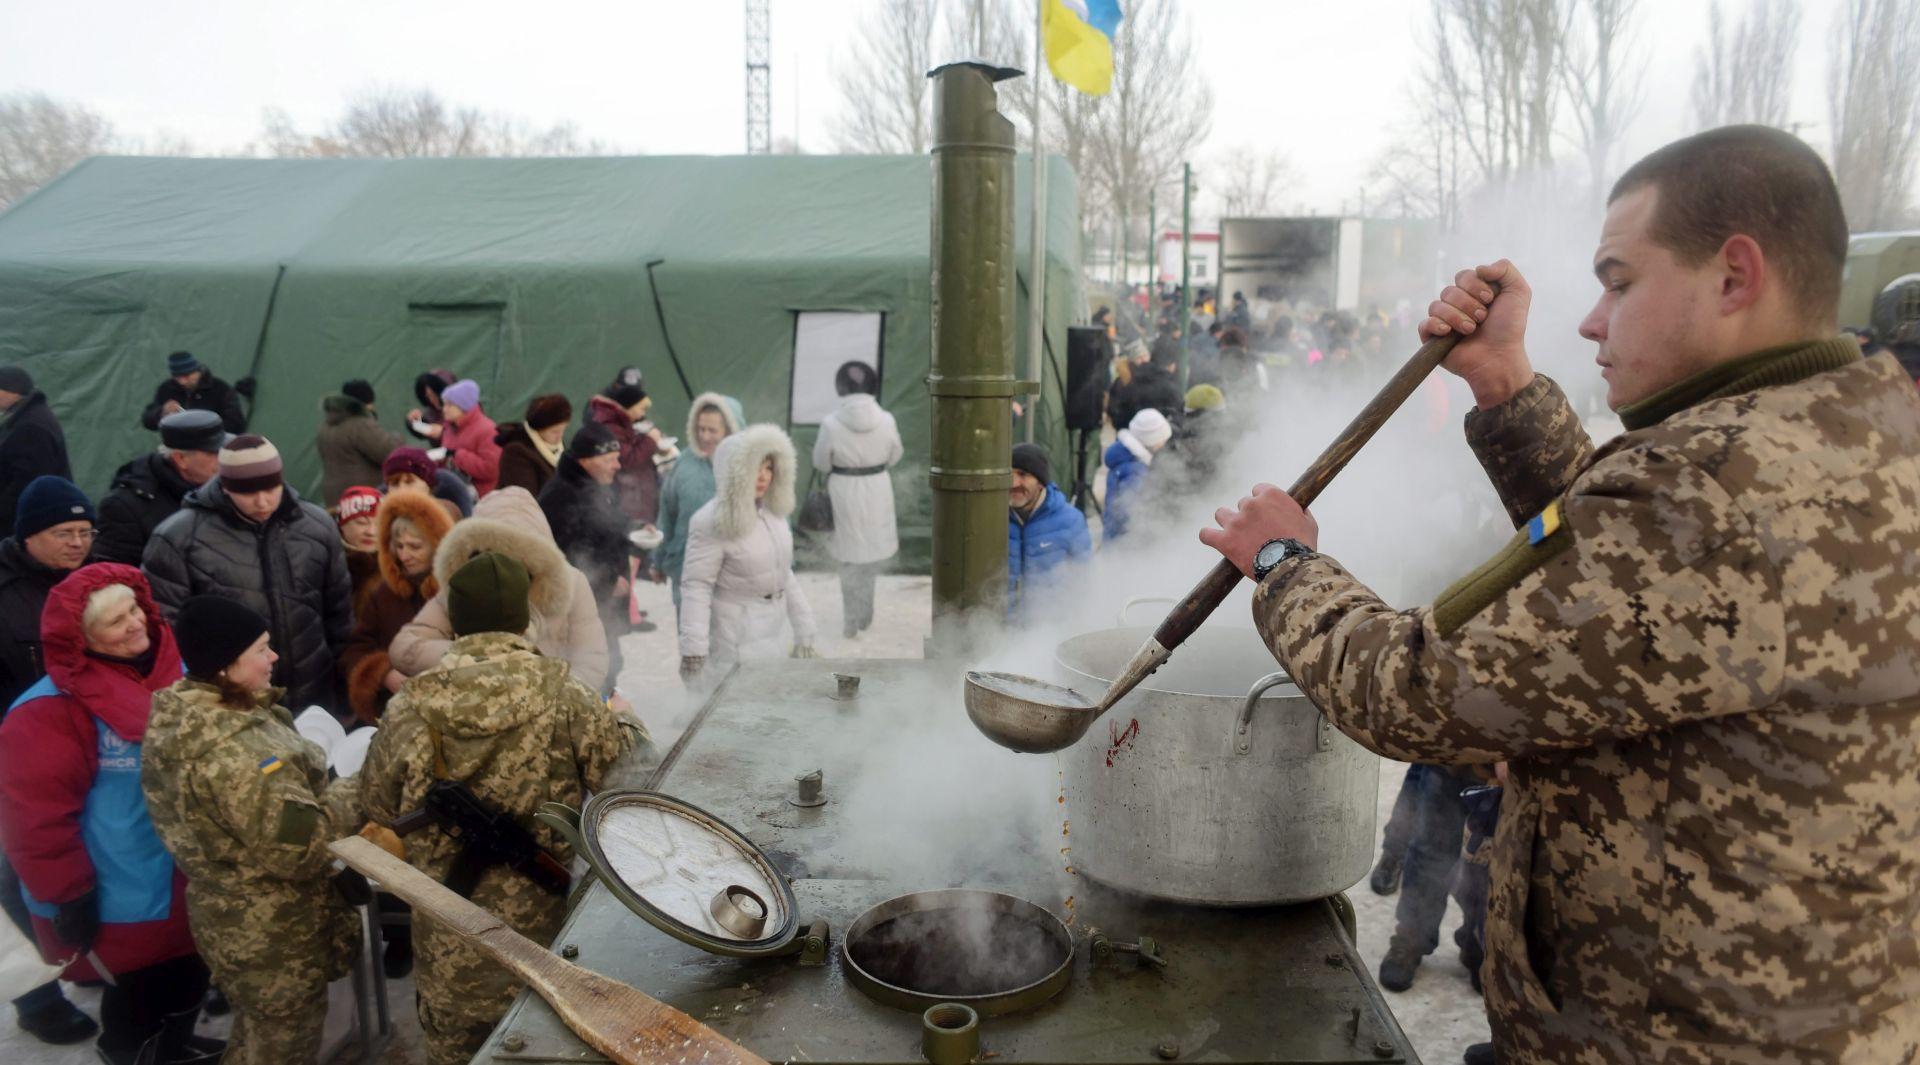 Nastavlja se bombardiranje ukrajinske Avdiivke, vojska dijeli hranu